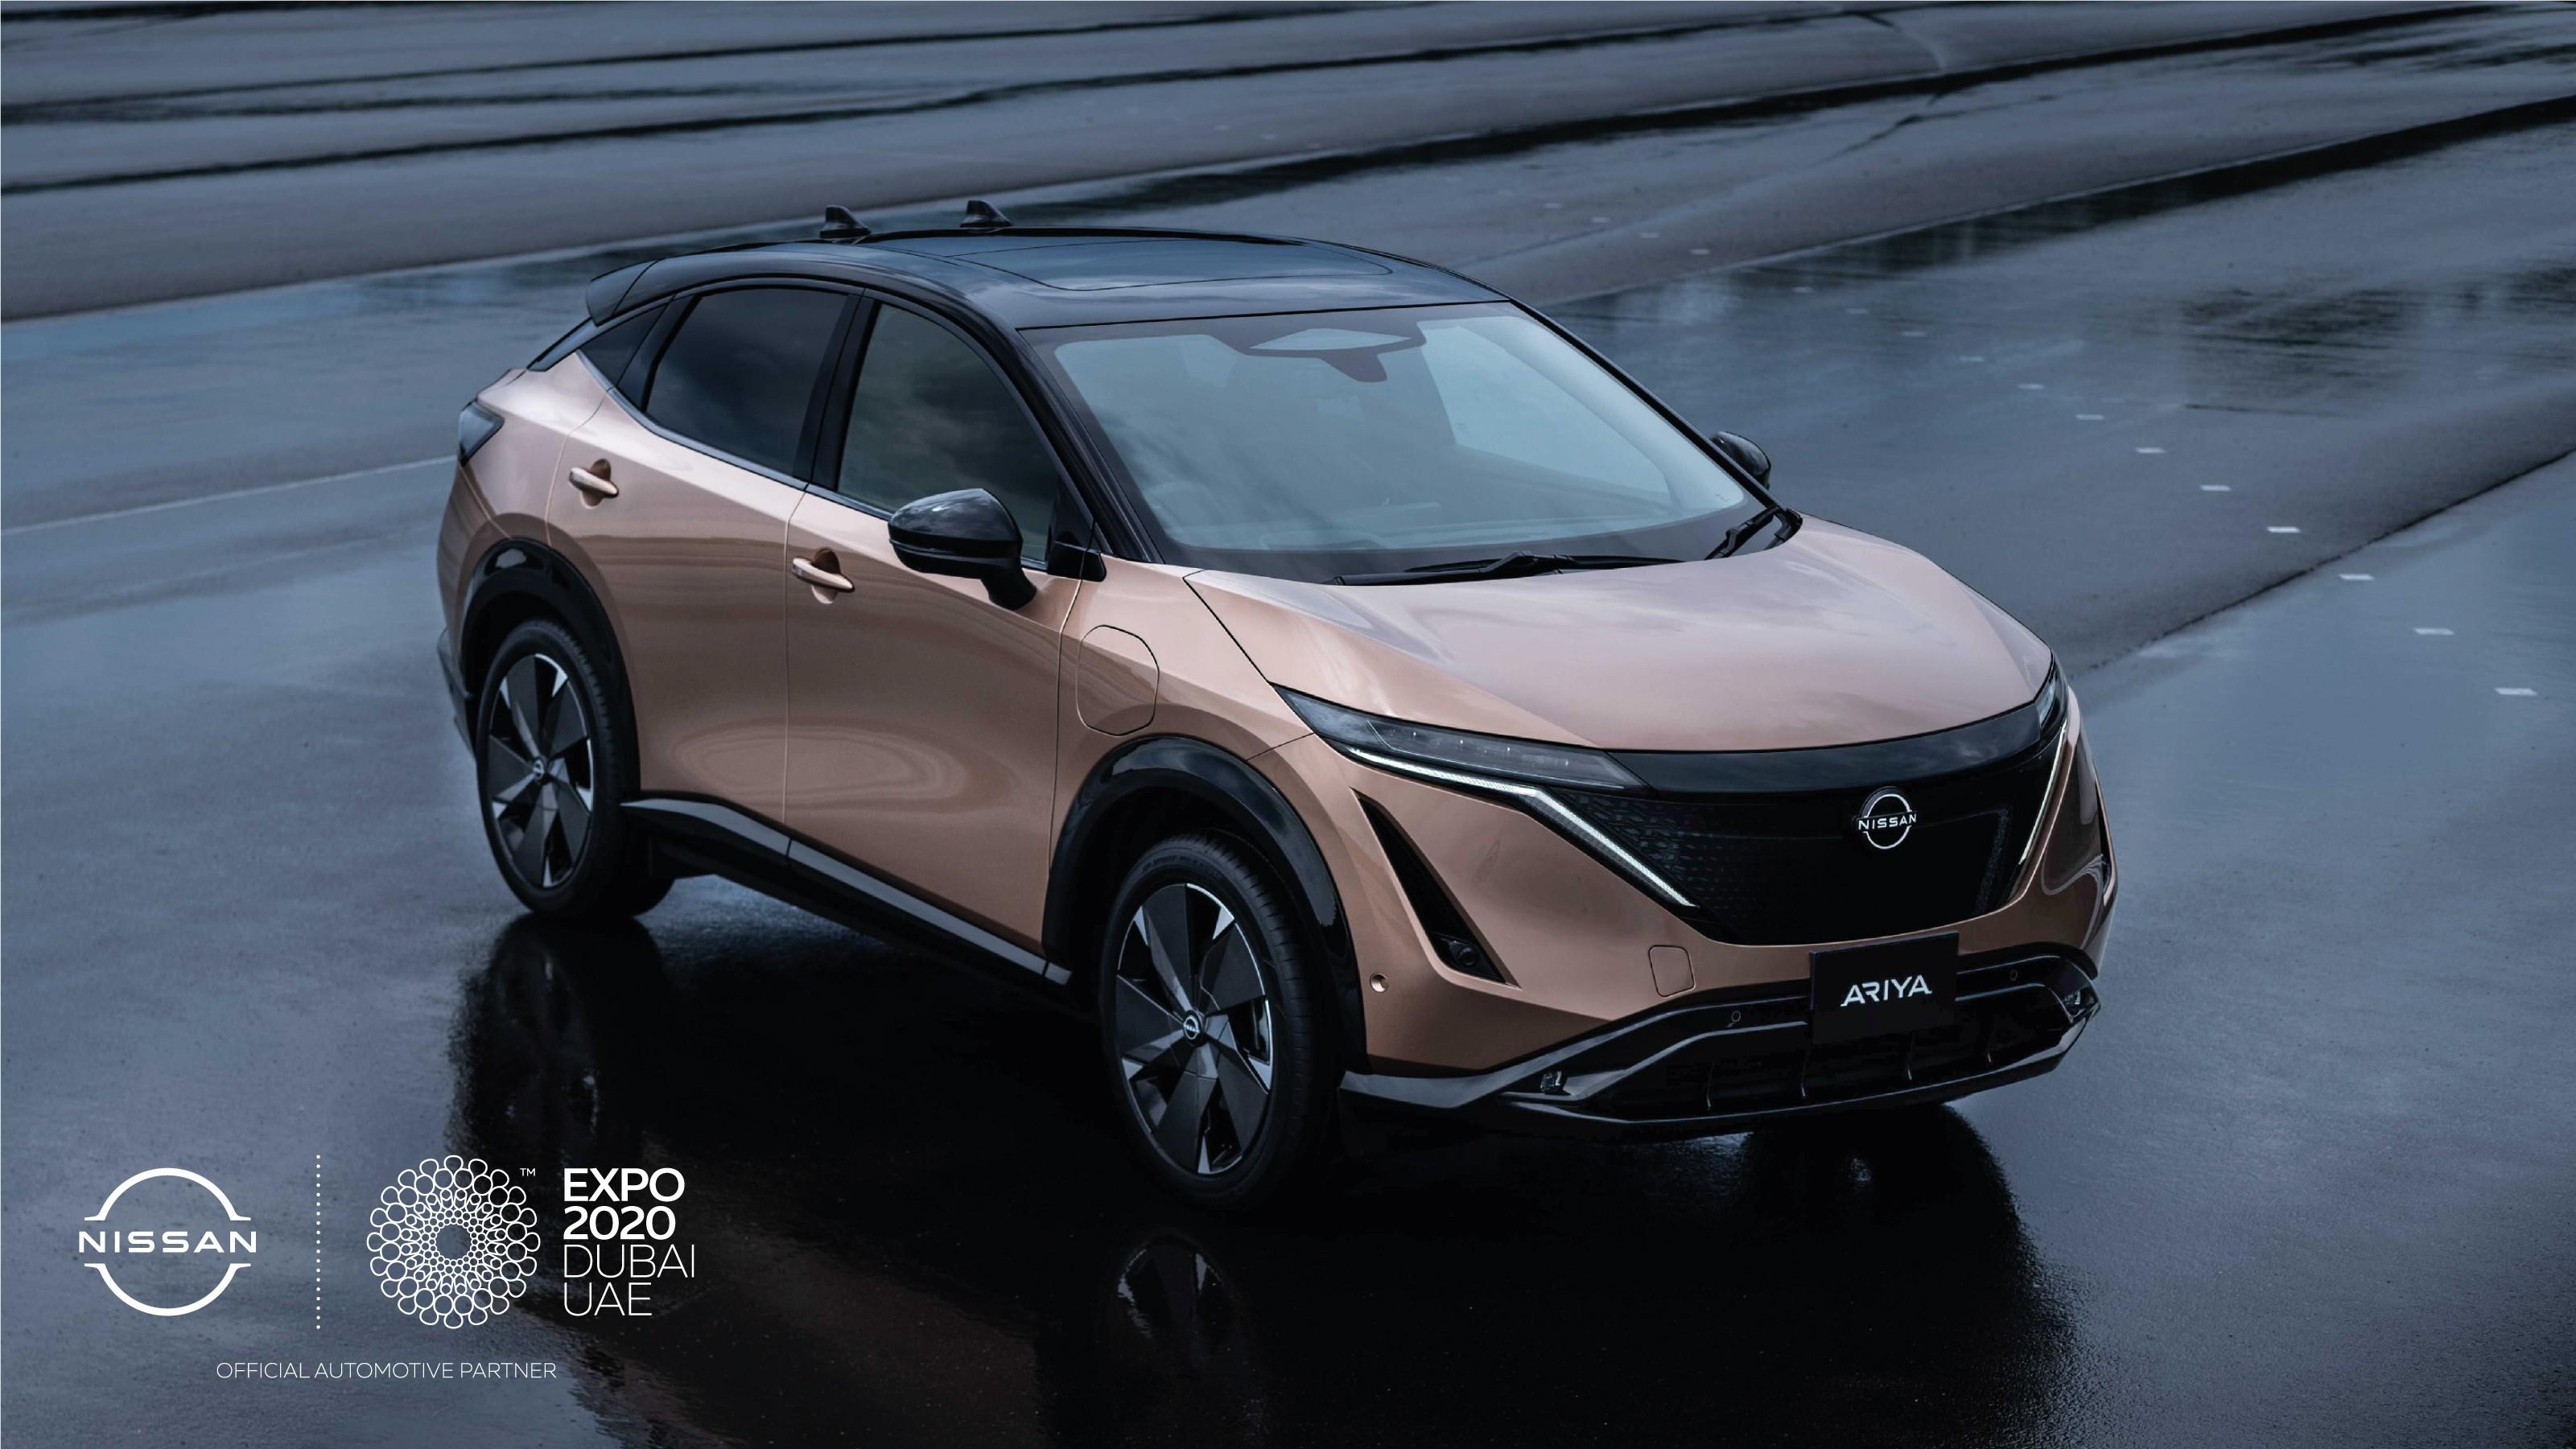 Nissan Ariya to make Middle East debut at Expo 2020 Dubai